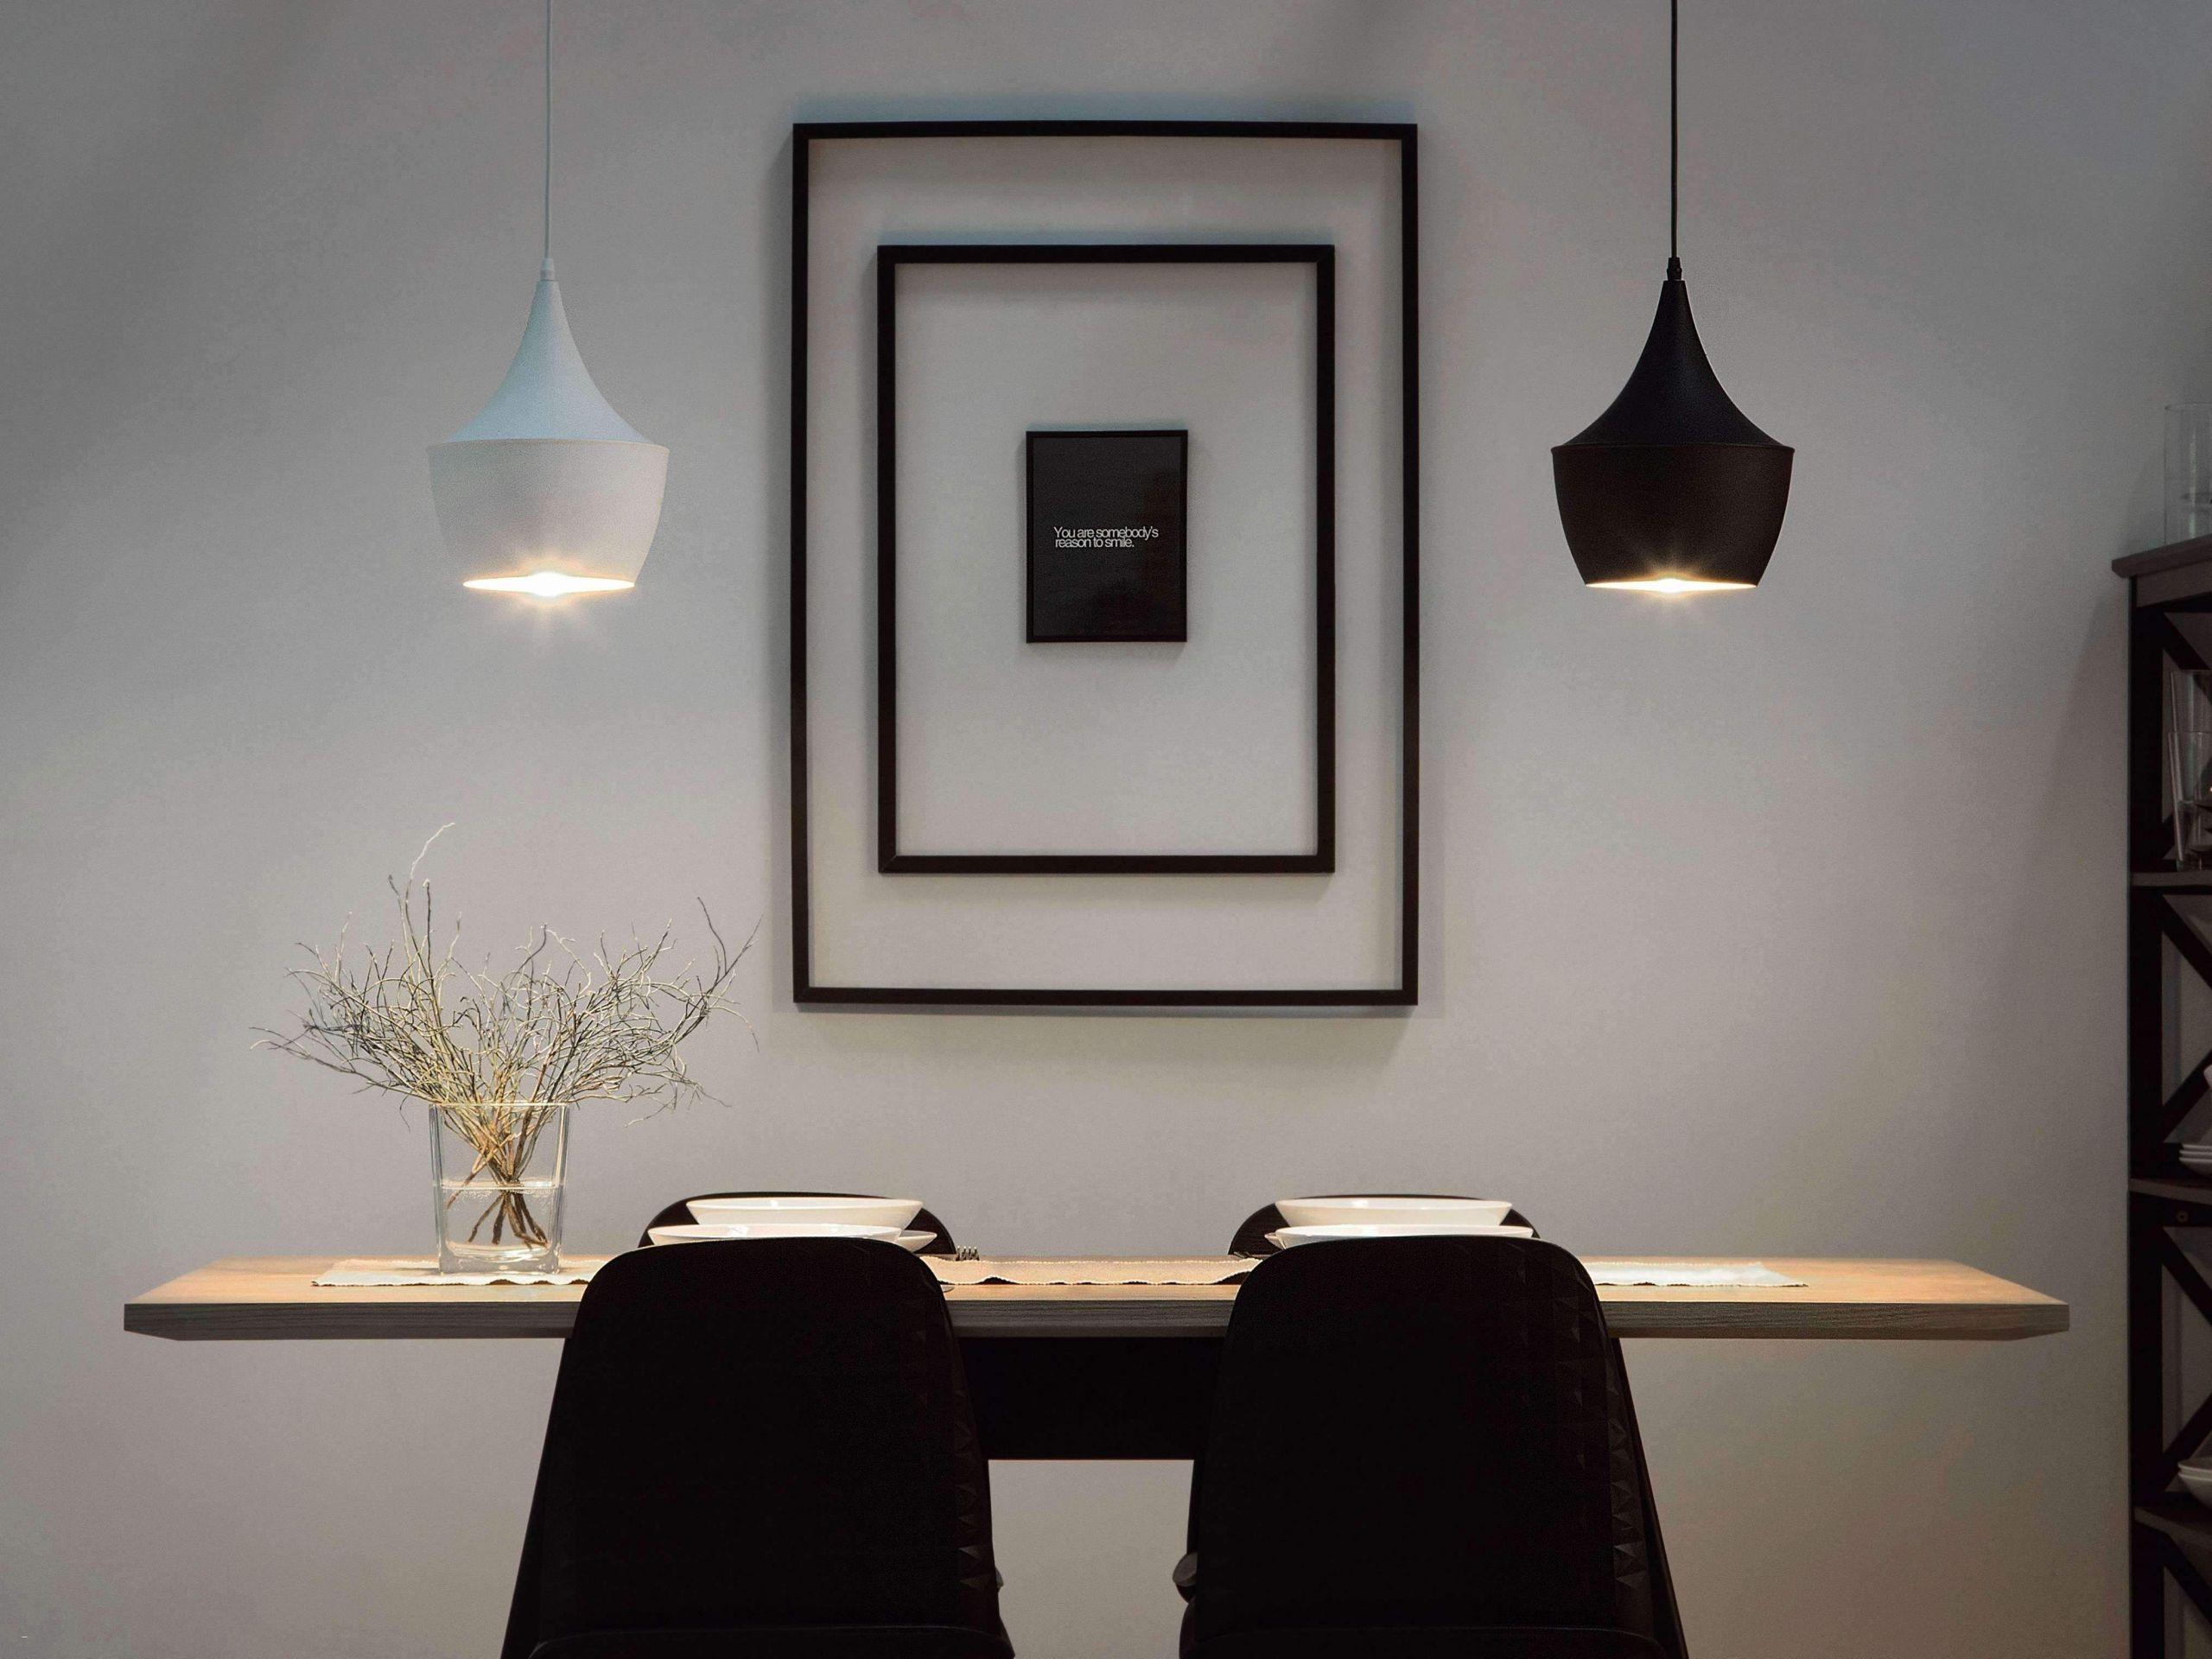 lampe wohnzimmer decke luxus garten licht led lampen wohnzimmer led strahler decke schon of lampe wohnzimmer decke